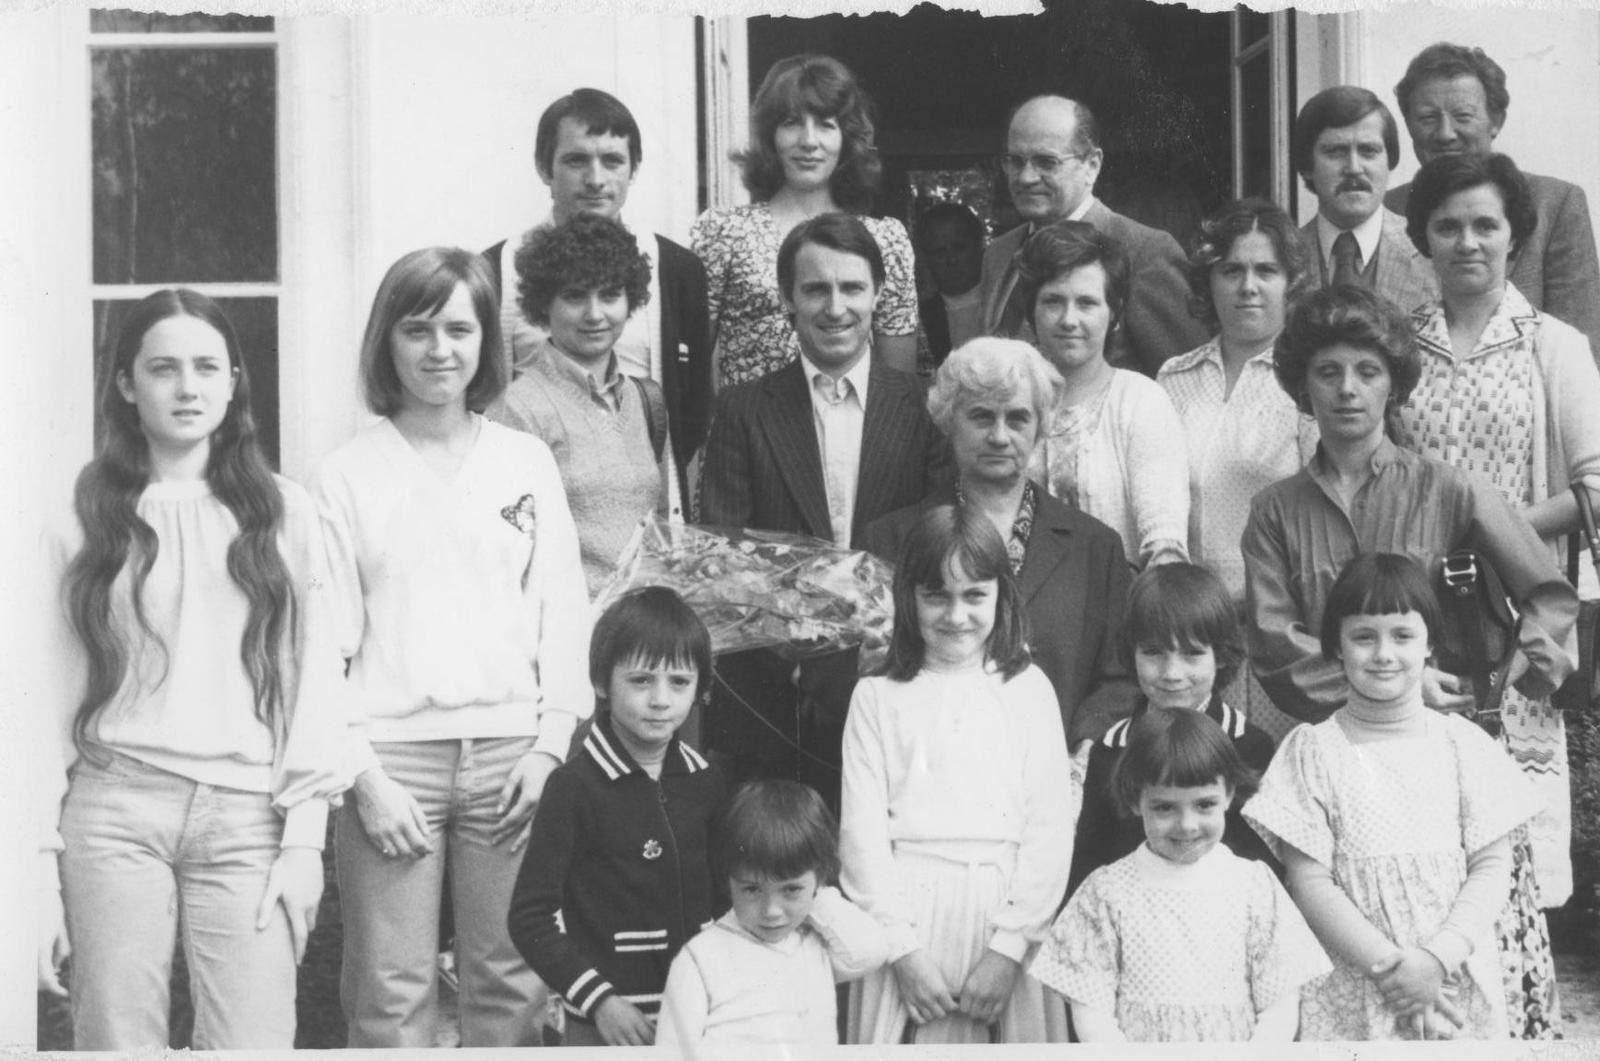 Roger Leroux, en haut, regardant vers sa droite, sur le degré de l'hôtel de ville en compagnie des récipiendaires de la cérémonie de la fête des mères de 1979 (photographie des archives municipales).